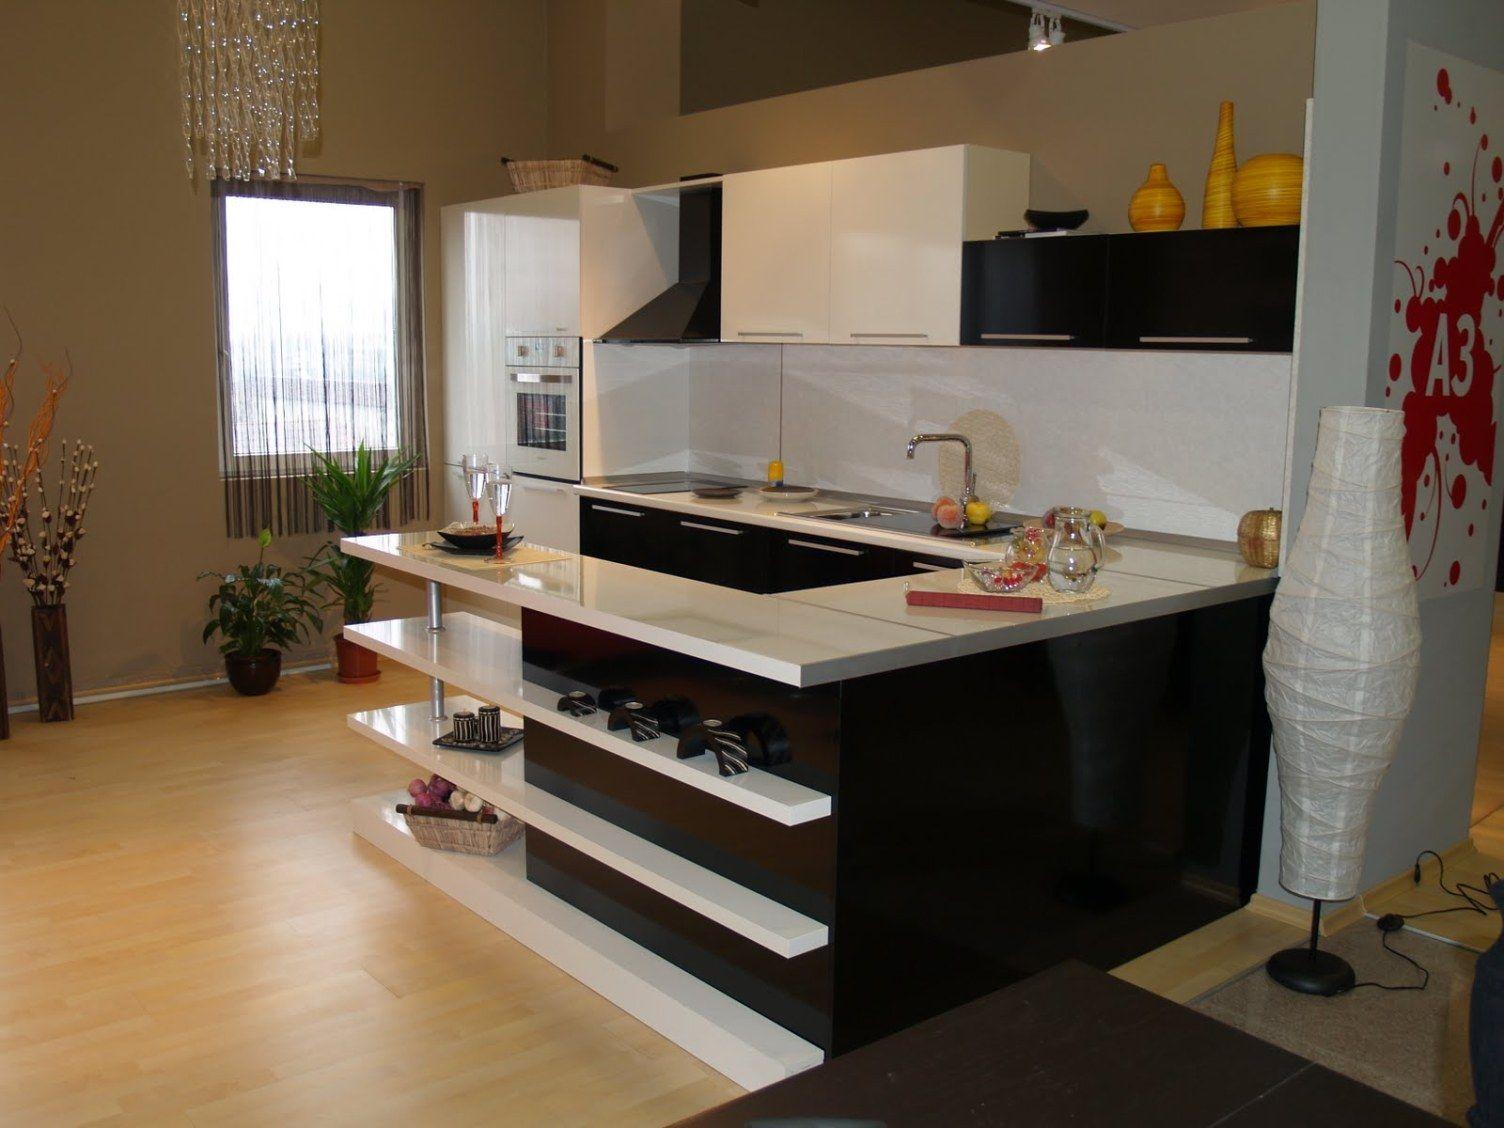 Cool Kitchen Ideas u2013 Coolest DIY Storage